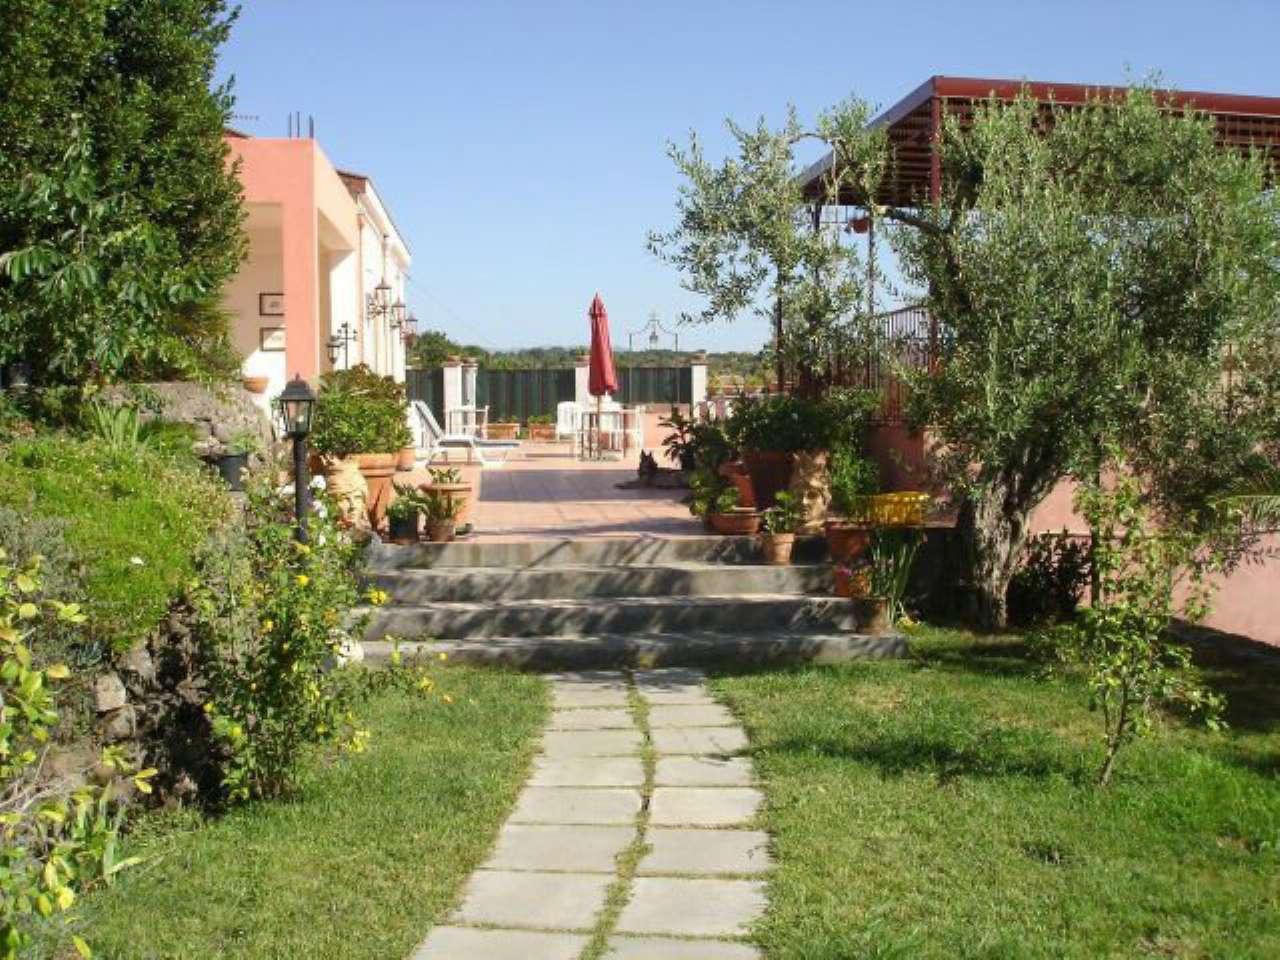 Agriturismo in vendita a Piedimonte Etneo, 9999 locali, Trattative riservate | CambioCasa.it